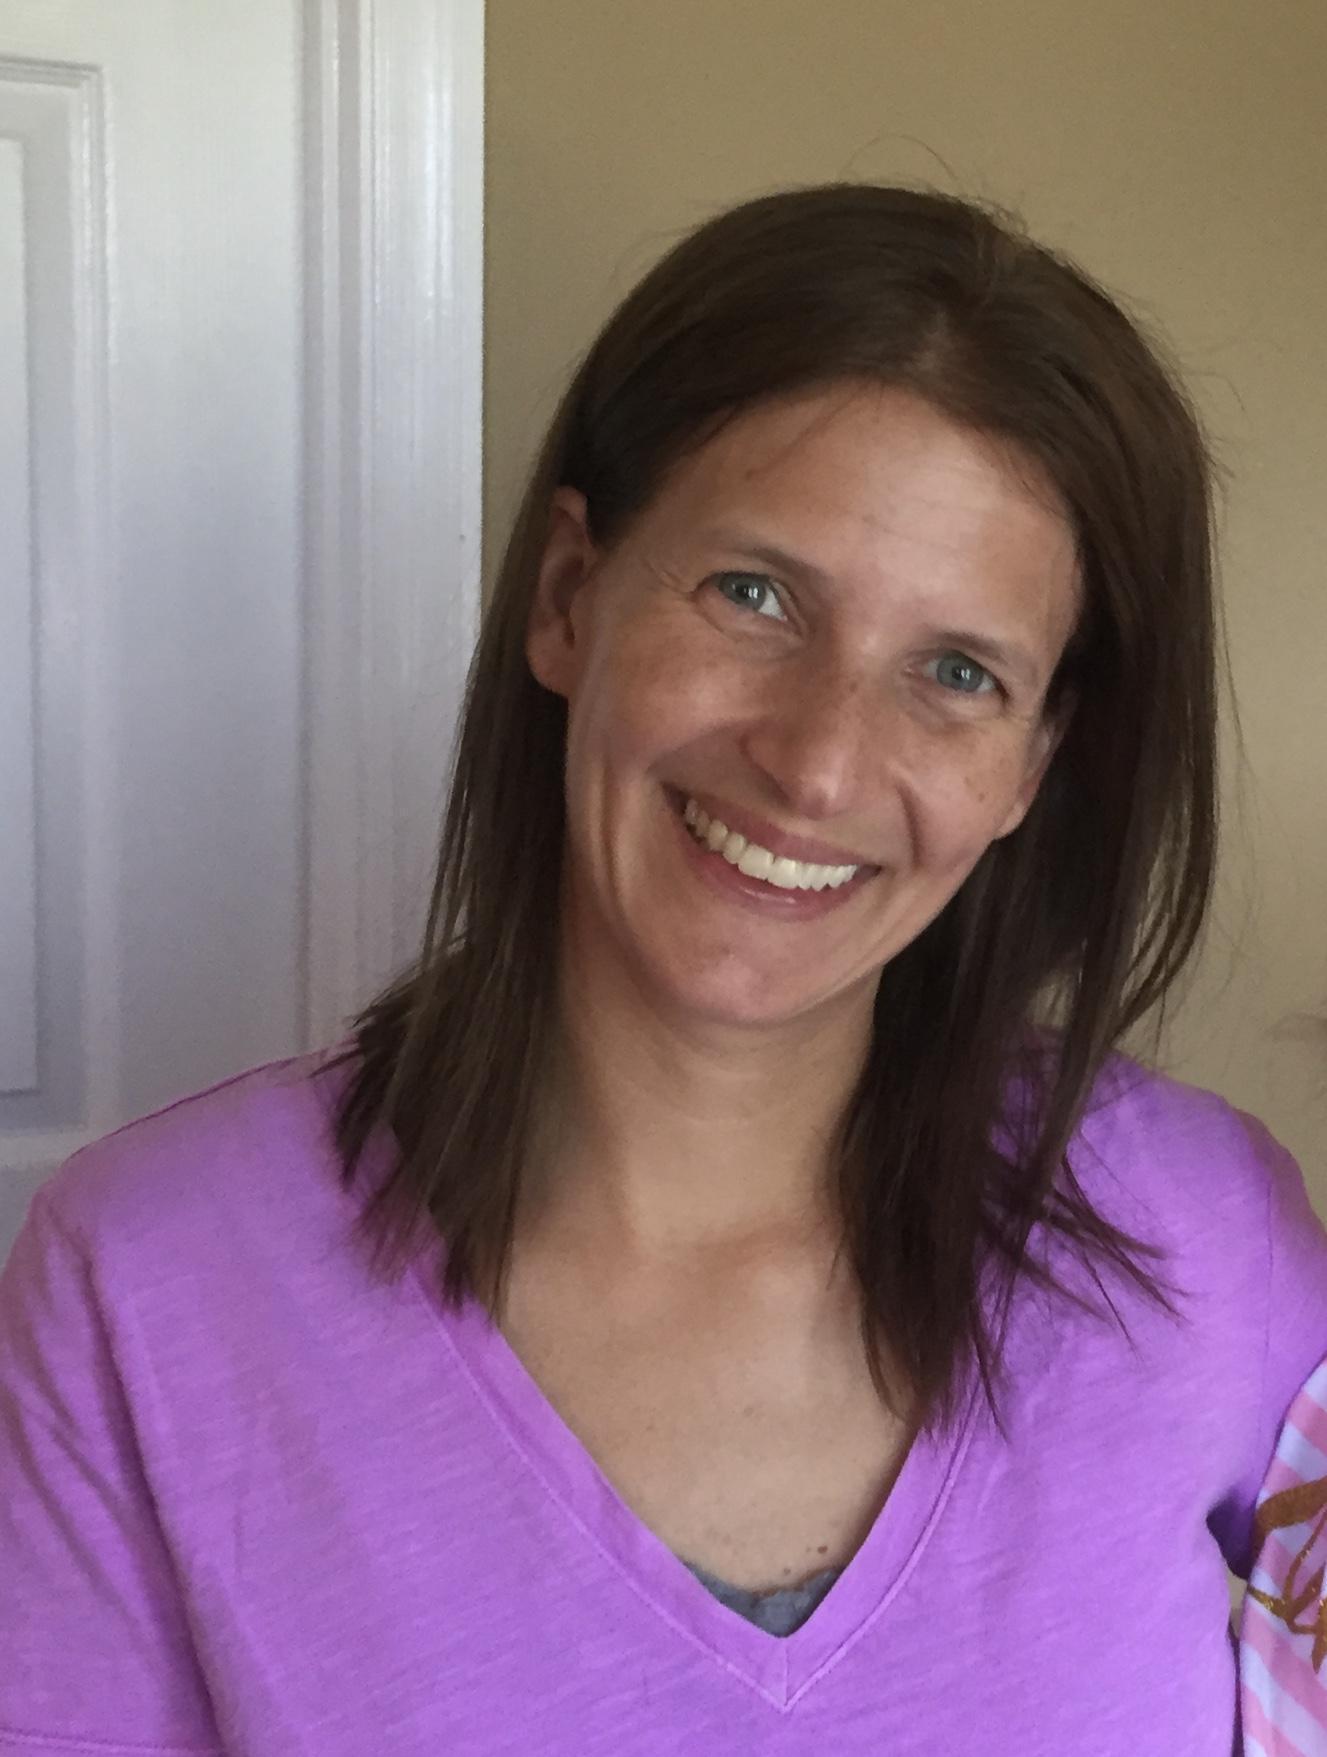 Jennifer Brelsfoard